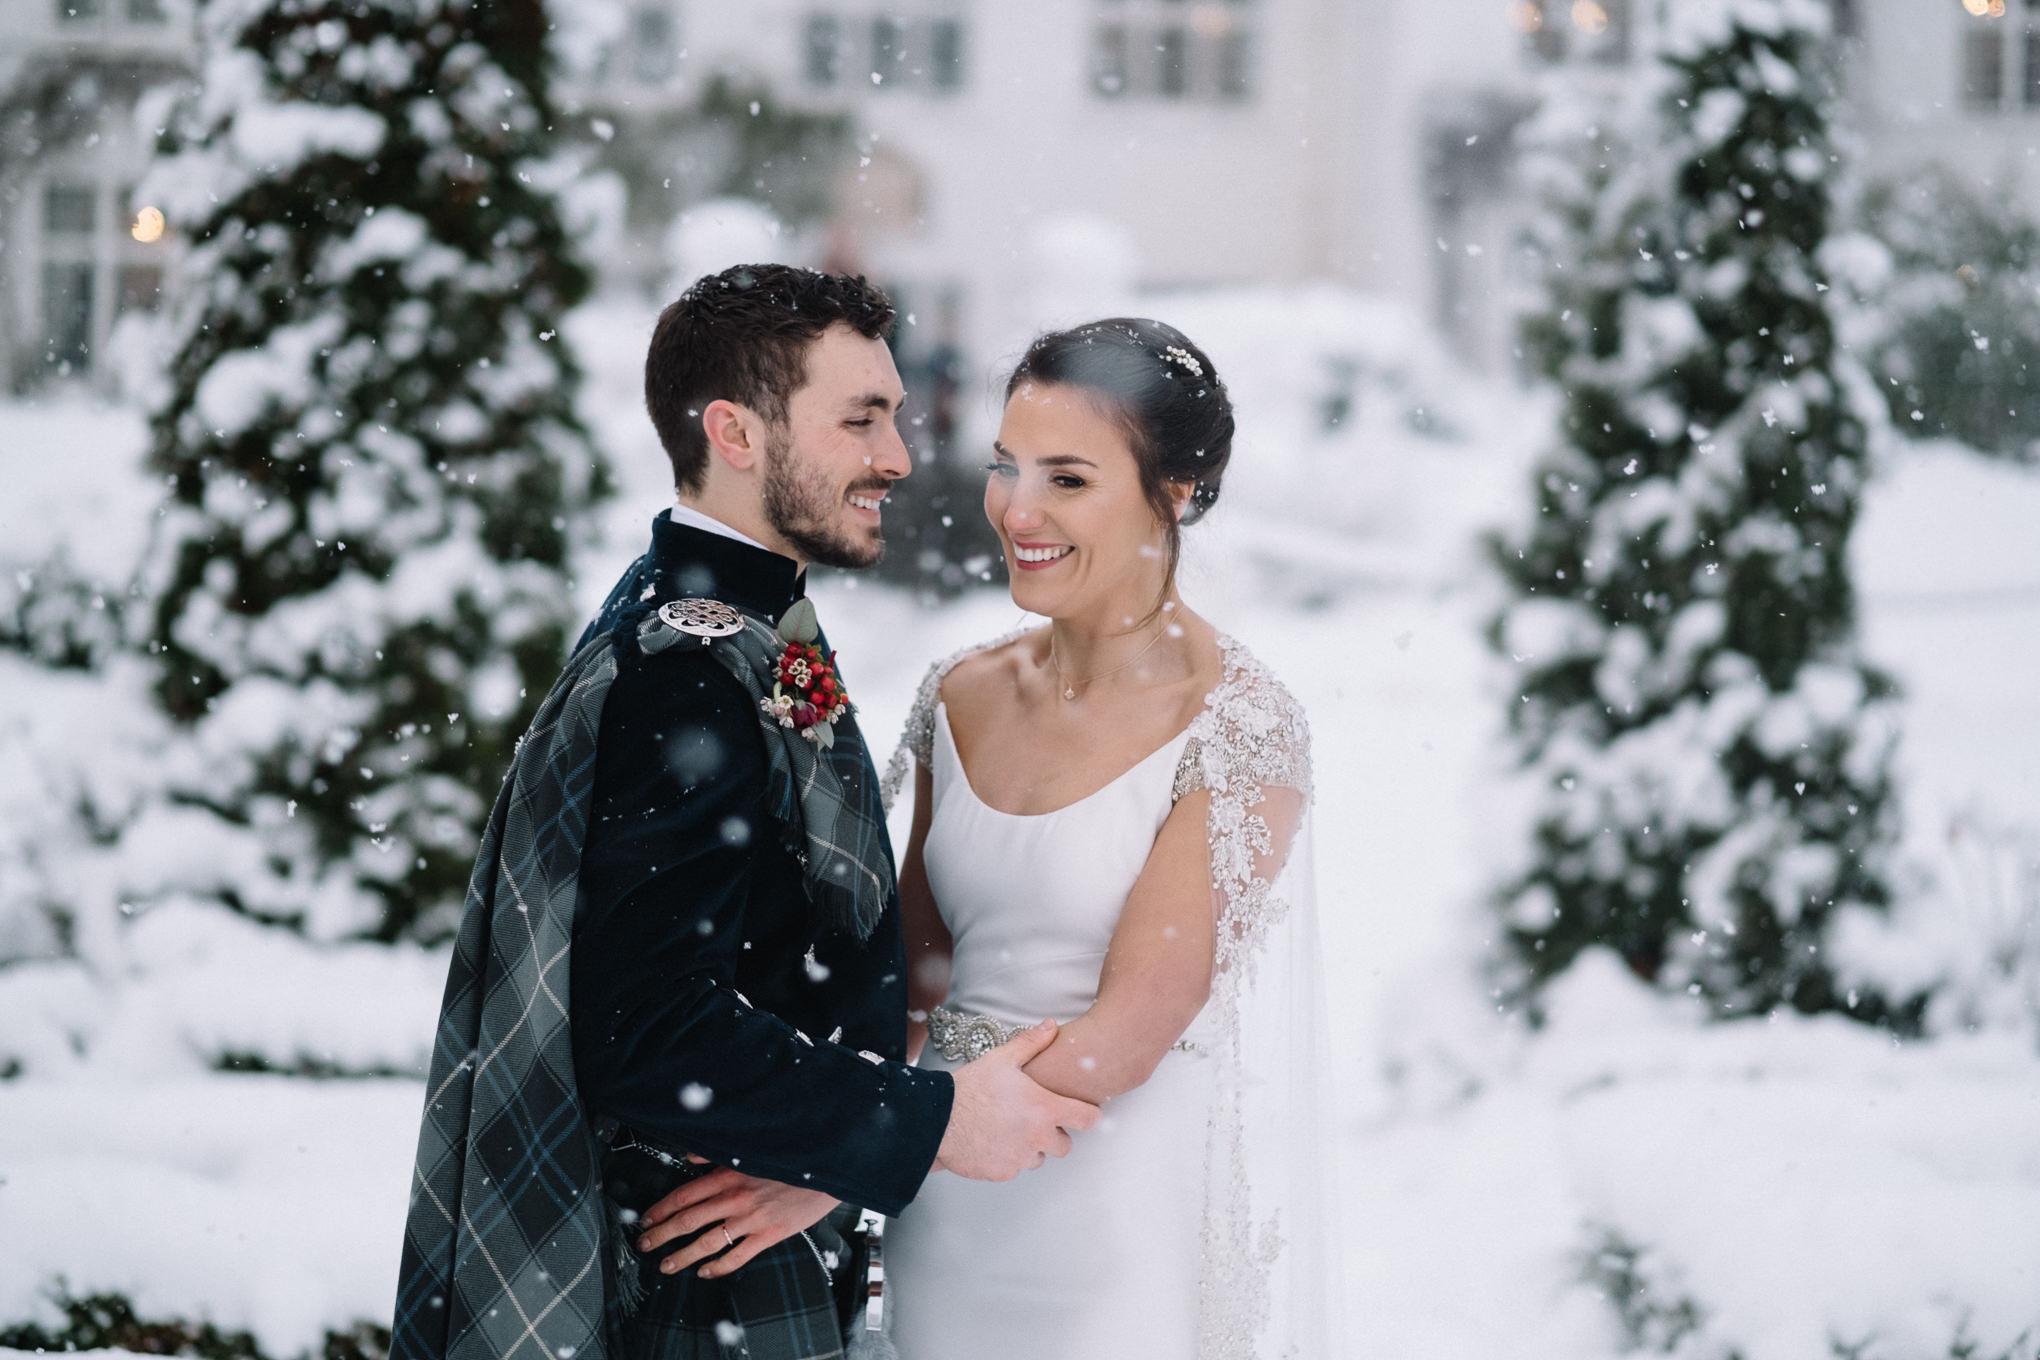 20171209_Achnagairn Estate Wedding_006.jpg